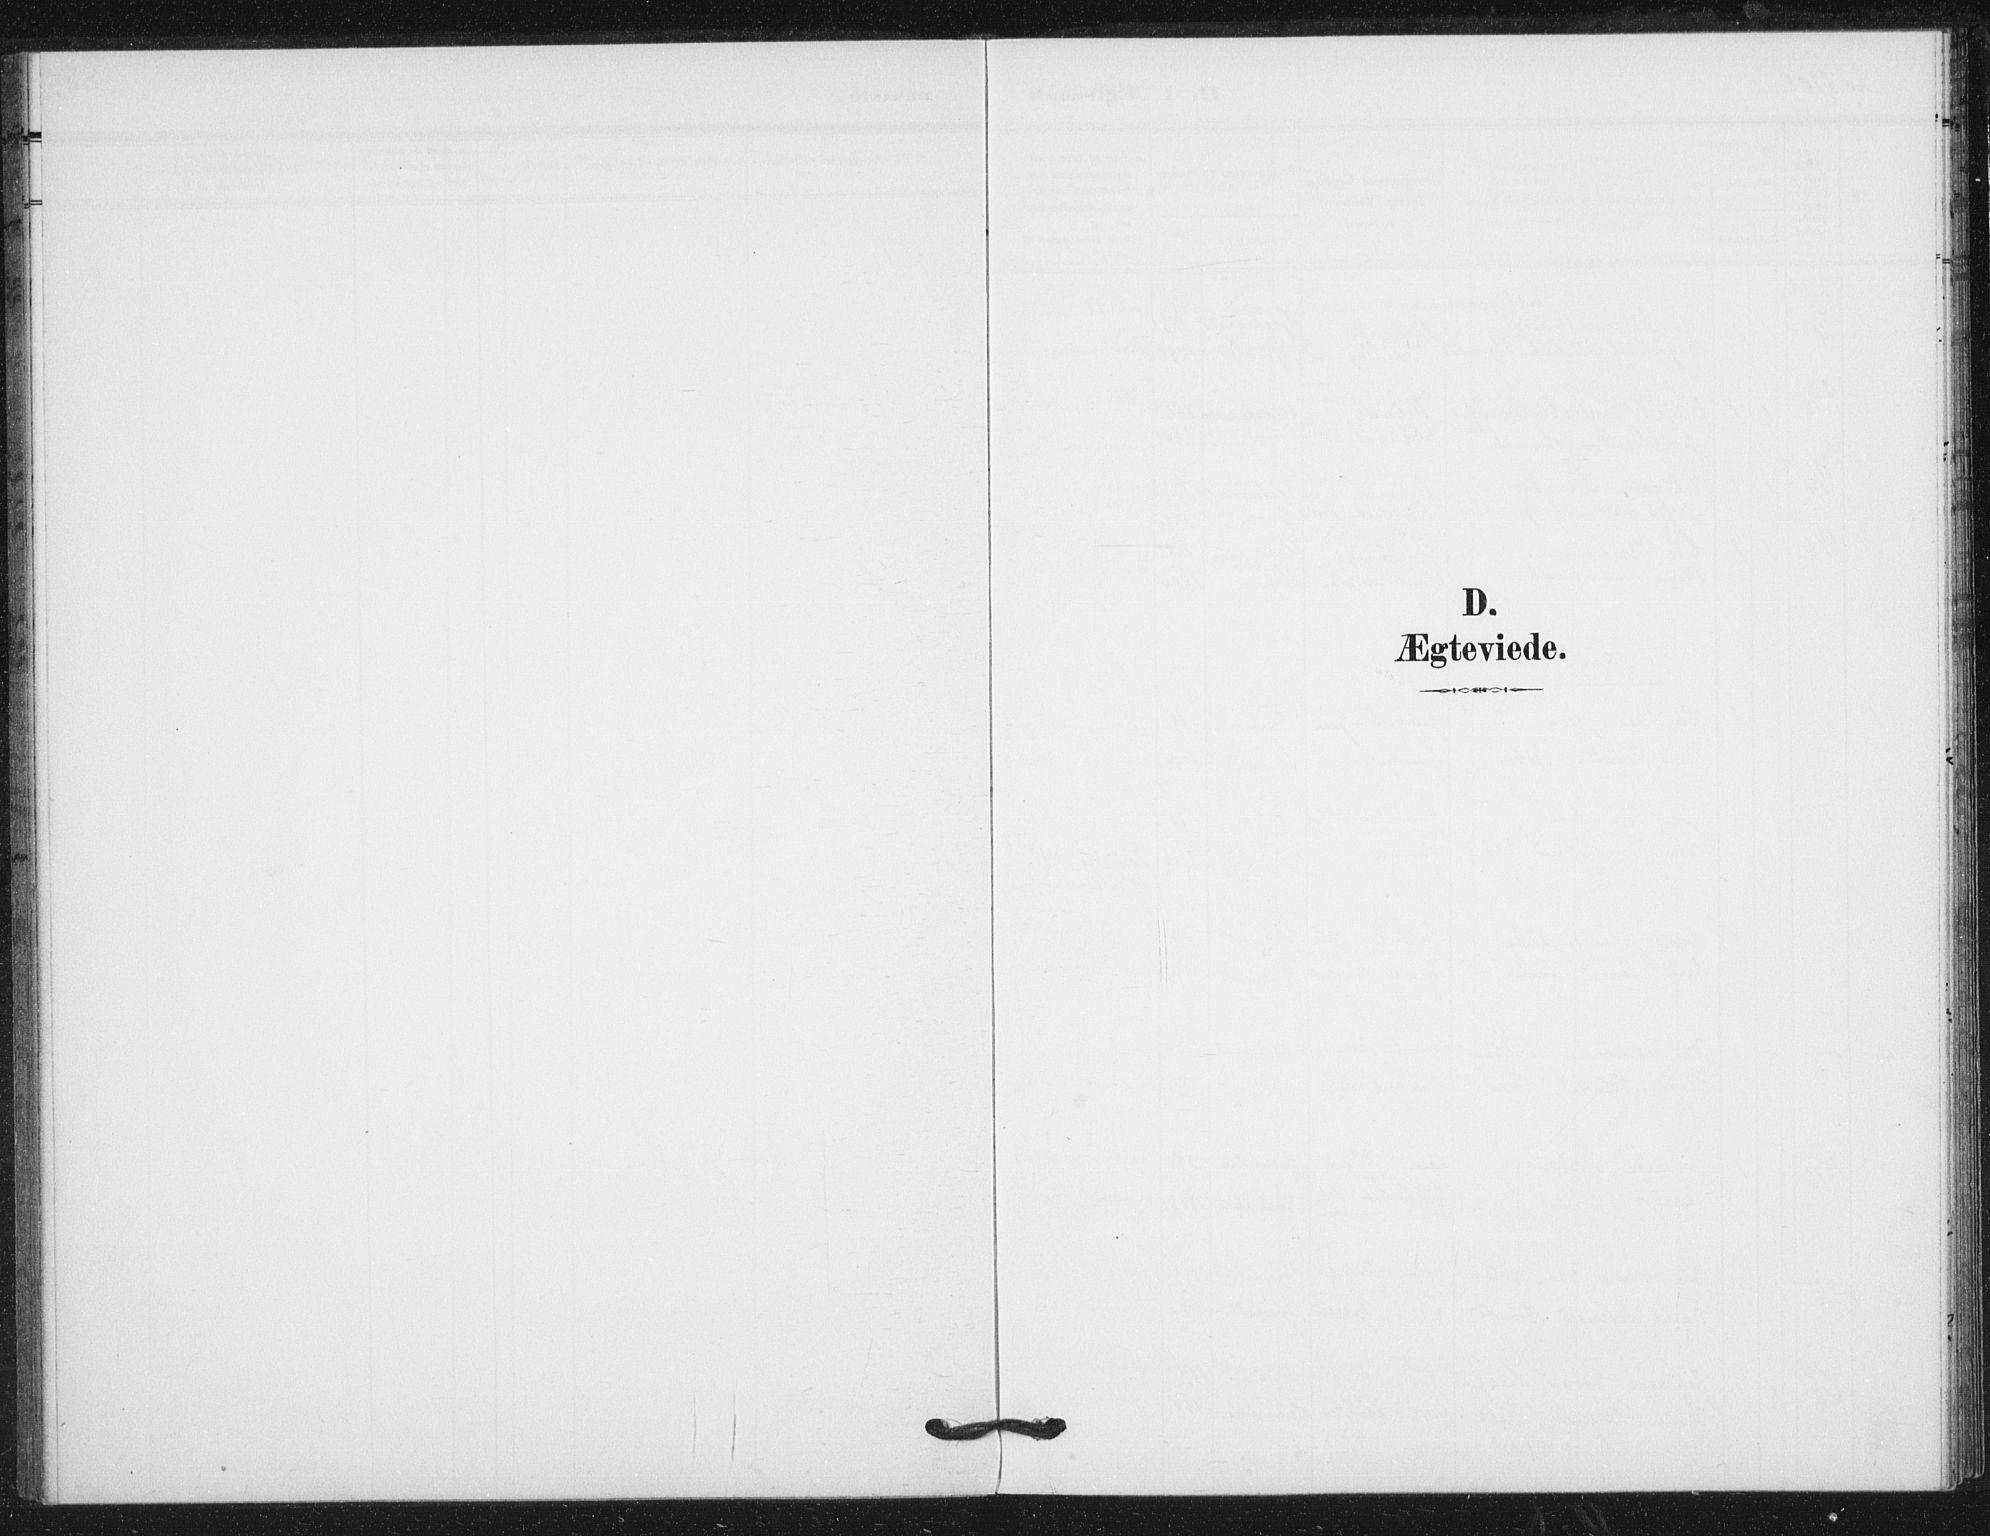 SAT, Ministerialprotokoller, klokkerbøker og fødselsregistre - Nord-Trøndelag, 724/L0264: Ministerialbok nr. 724A02, 1908-1915, s. 86